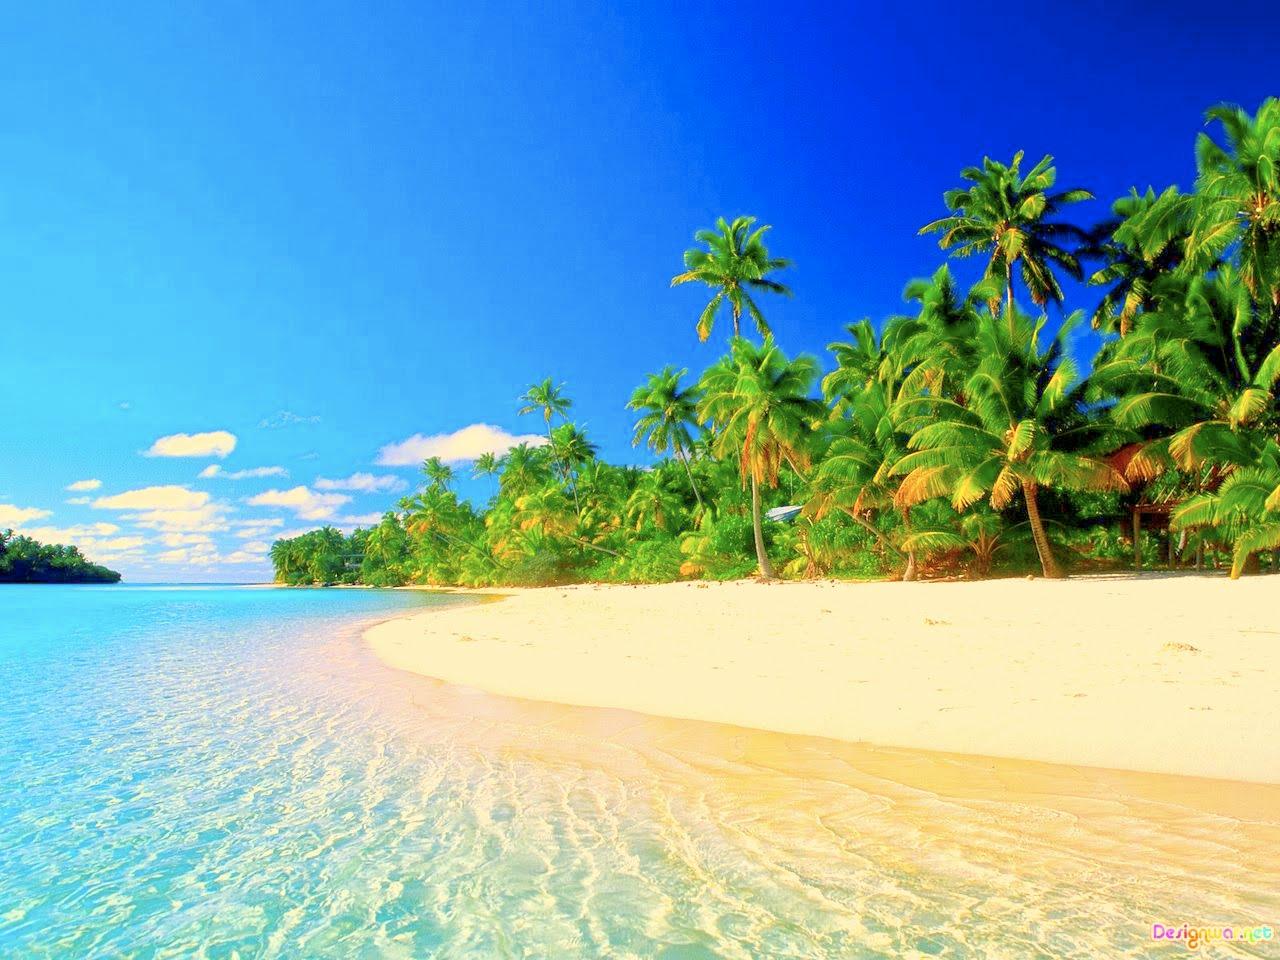 MorganD2013: Tropical Beach